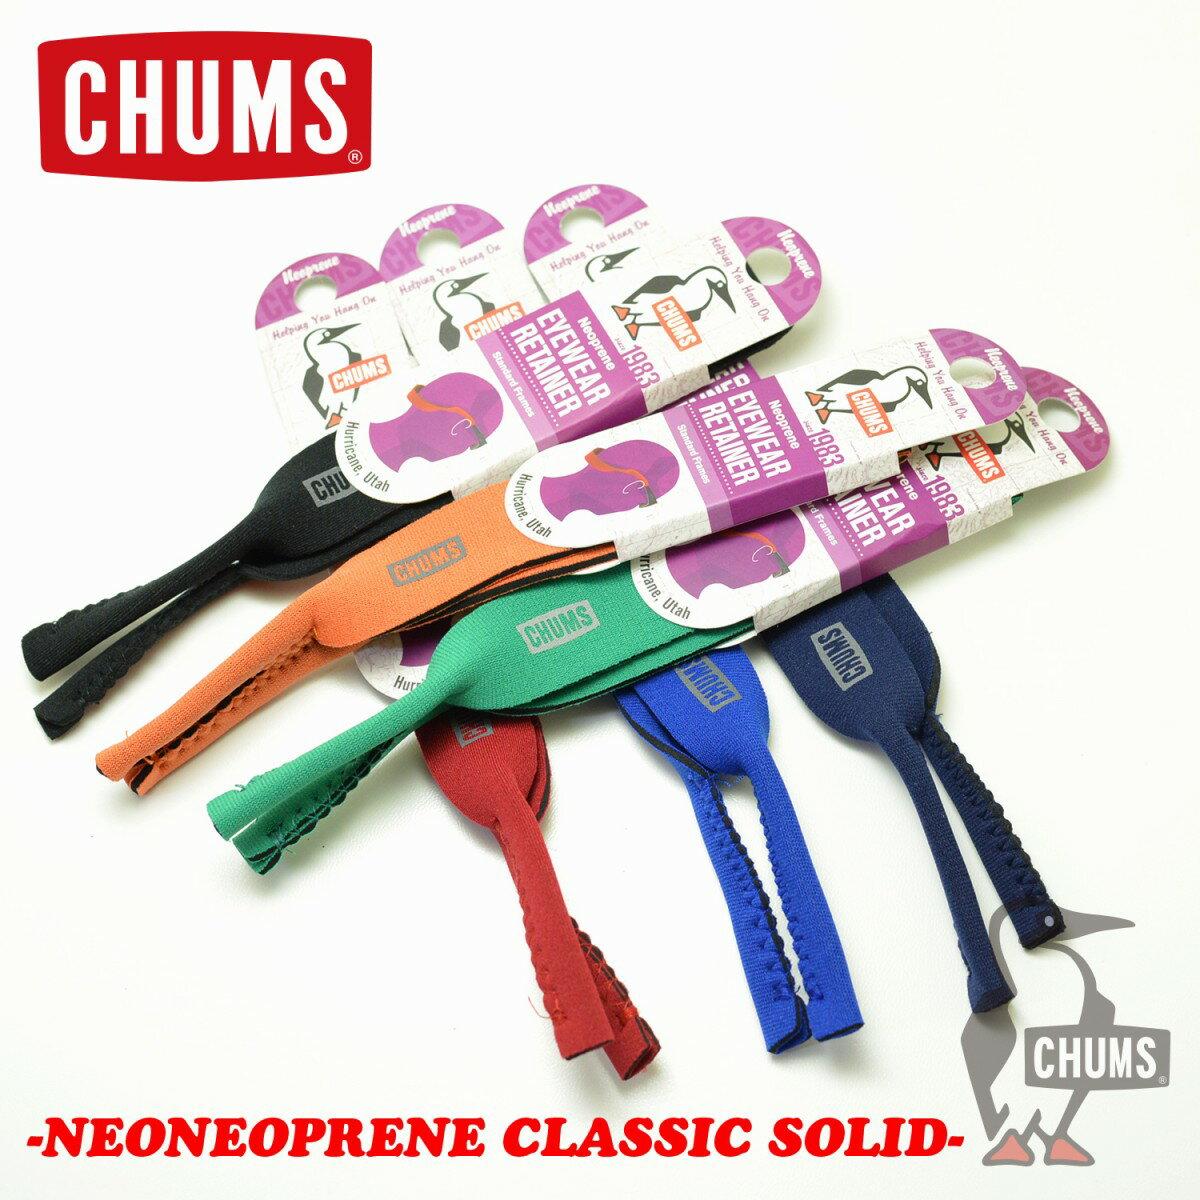 チャムス CHUMS メガネストラップNEOPRENE-Classic-Solid(CH61-0225)ネオプレーン クラシック ソリッドストラップ メガネ メガネチェーン スポーツメガネ サングラス グラスコード グラス コード 眼鏡 アウトドア おしゃれ チェーン 眼鏡チェーン